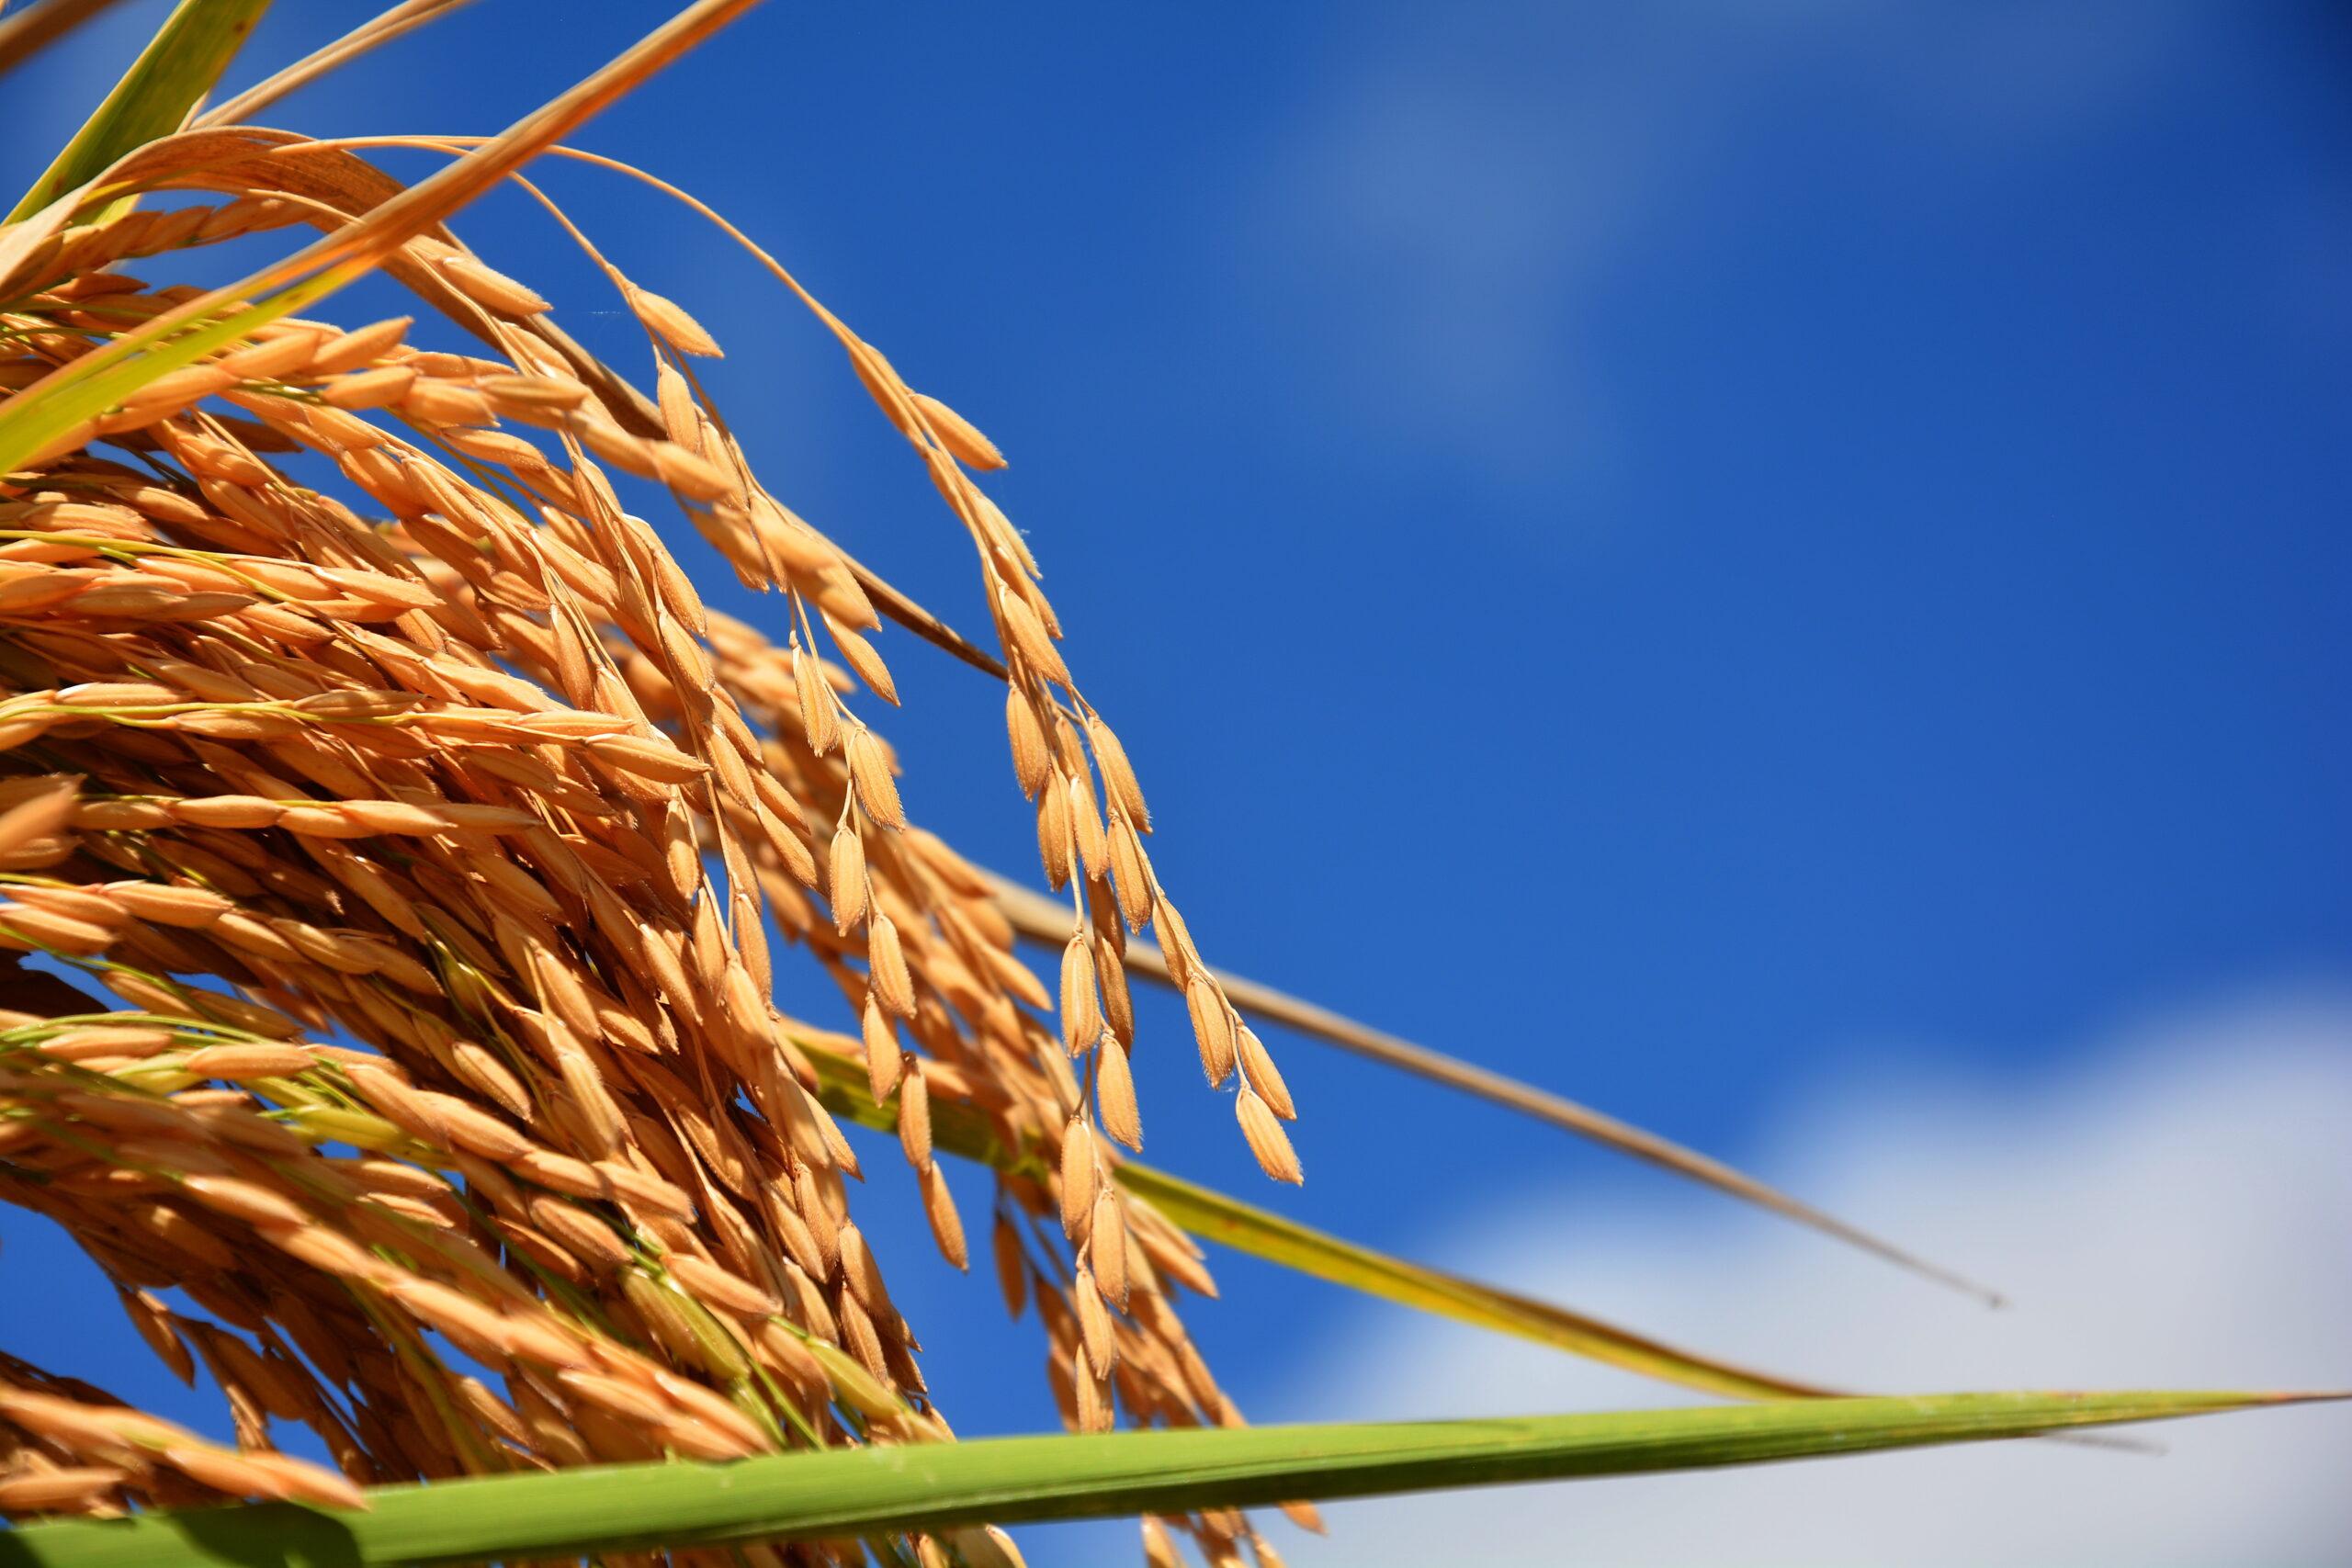 Grandes produtores estão destinando de 10% a 15% da colheita para exportação